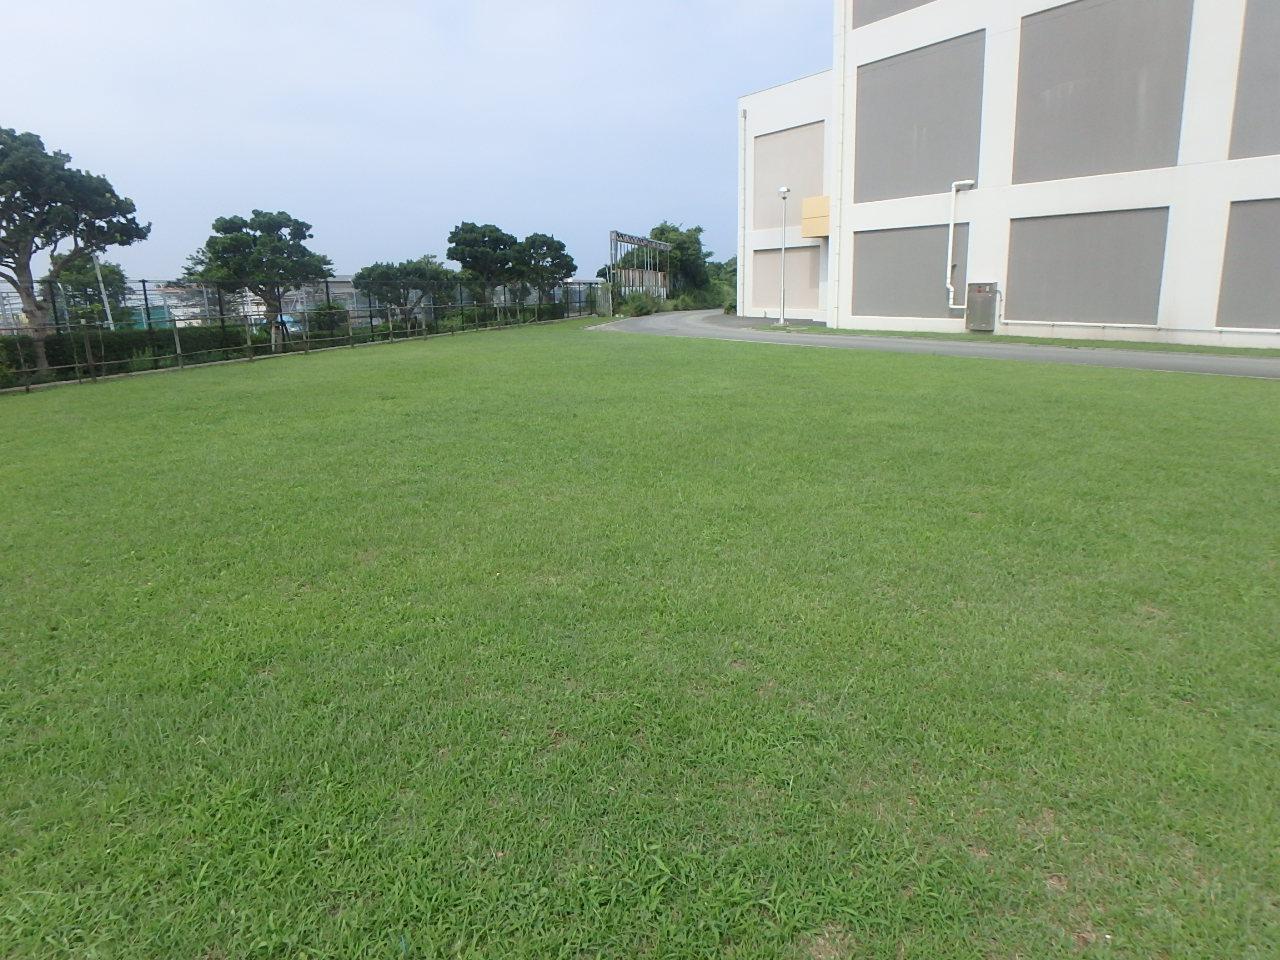 敷地内工事は駐車場が限られる。その場合は、芝生が駐車スぺ―スになってしまう